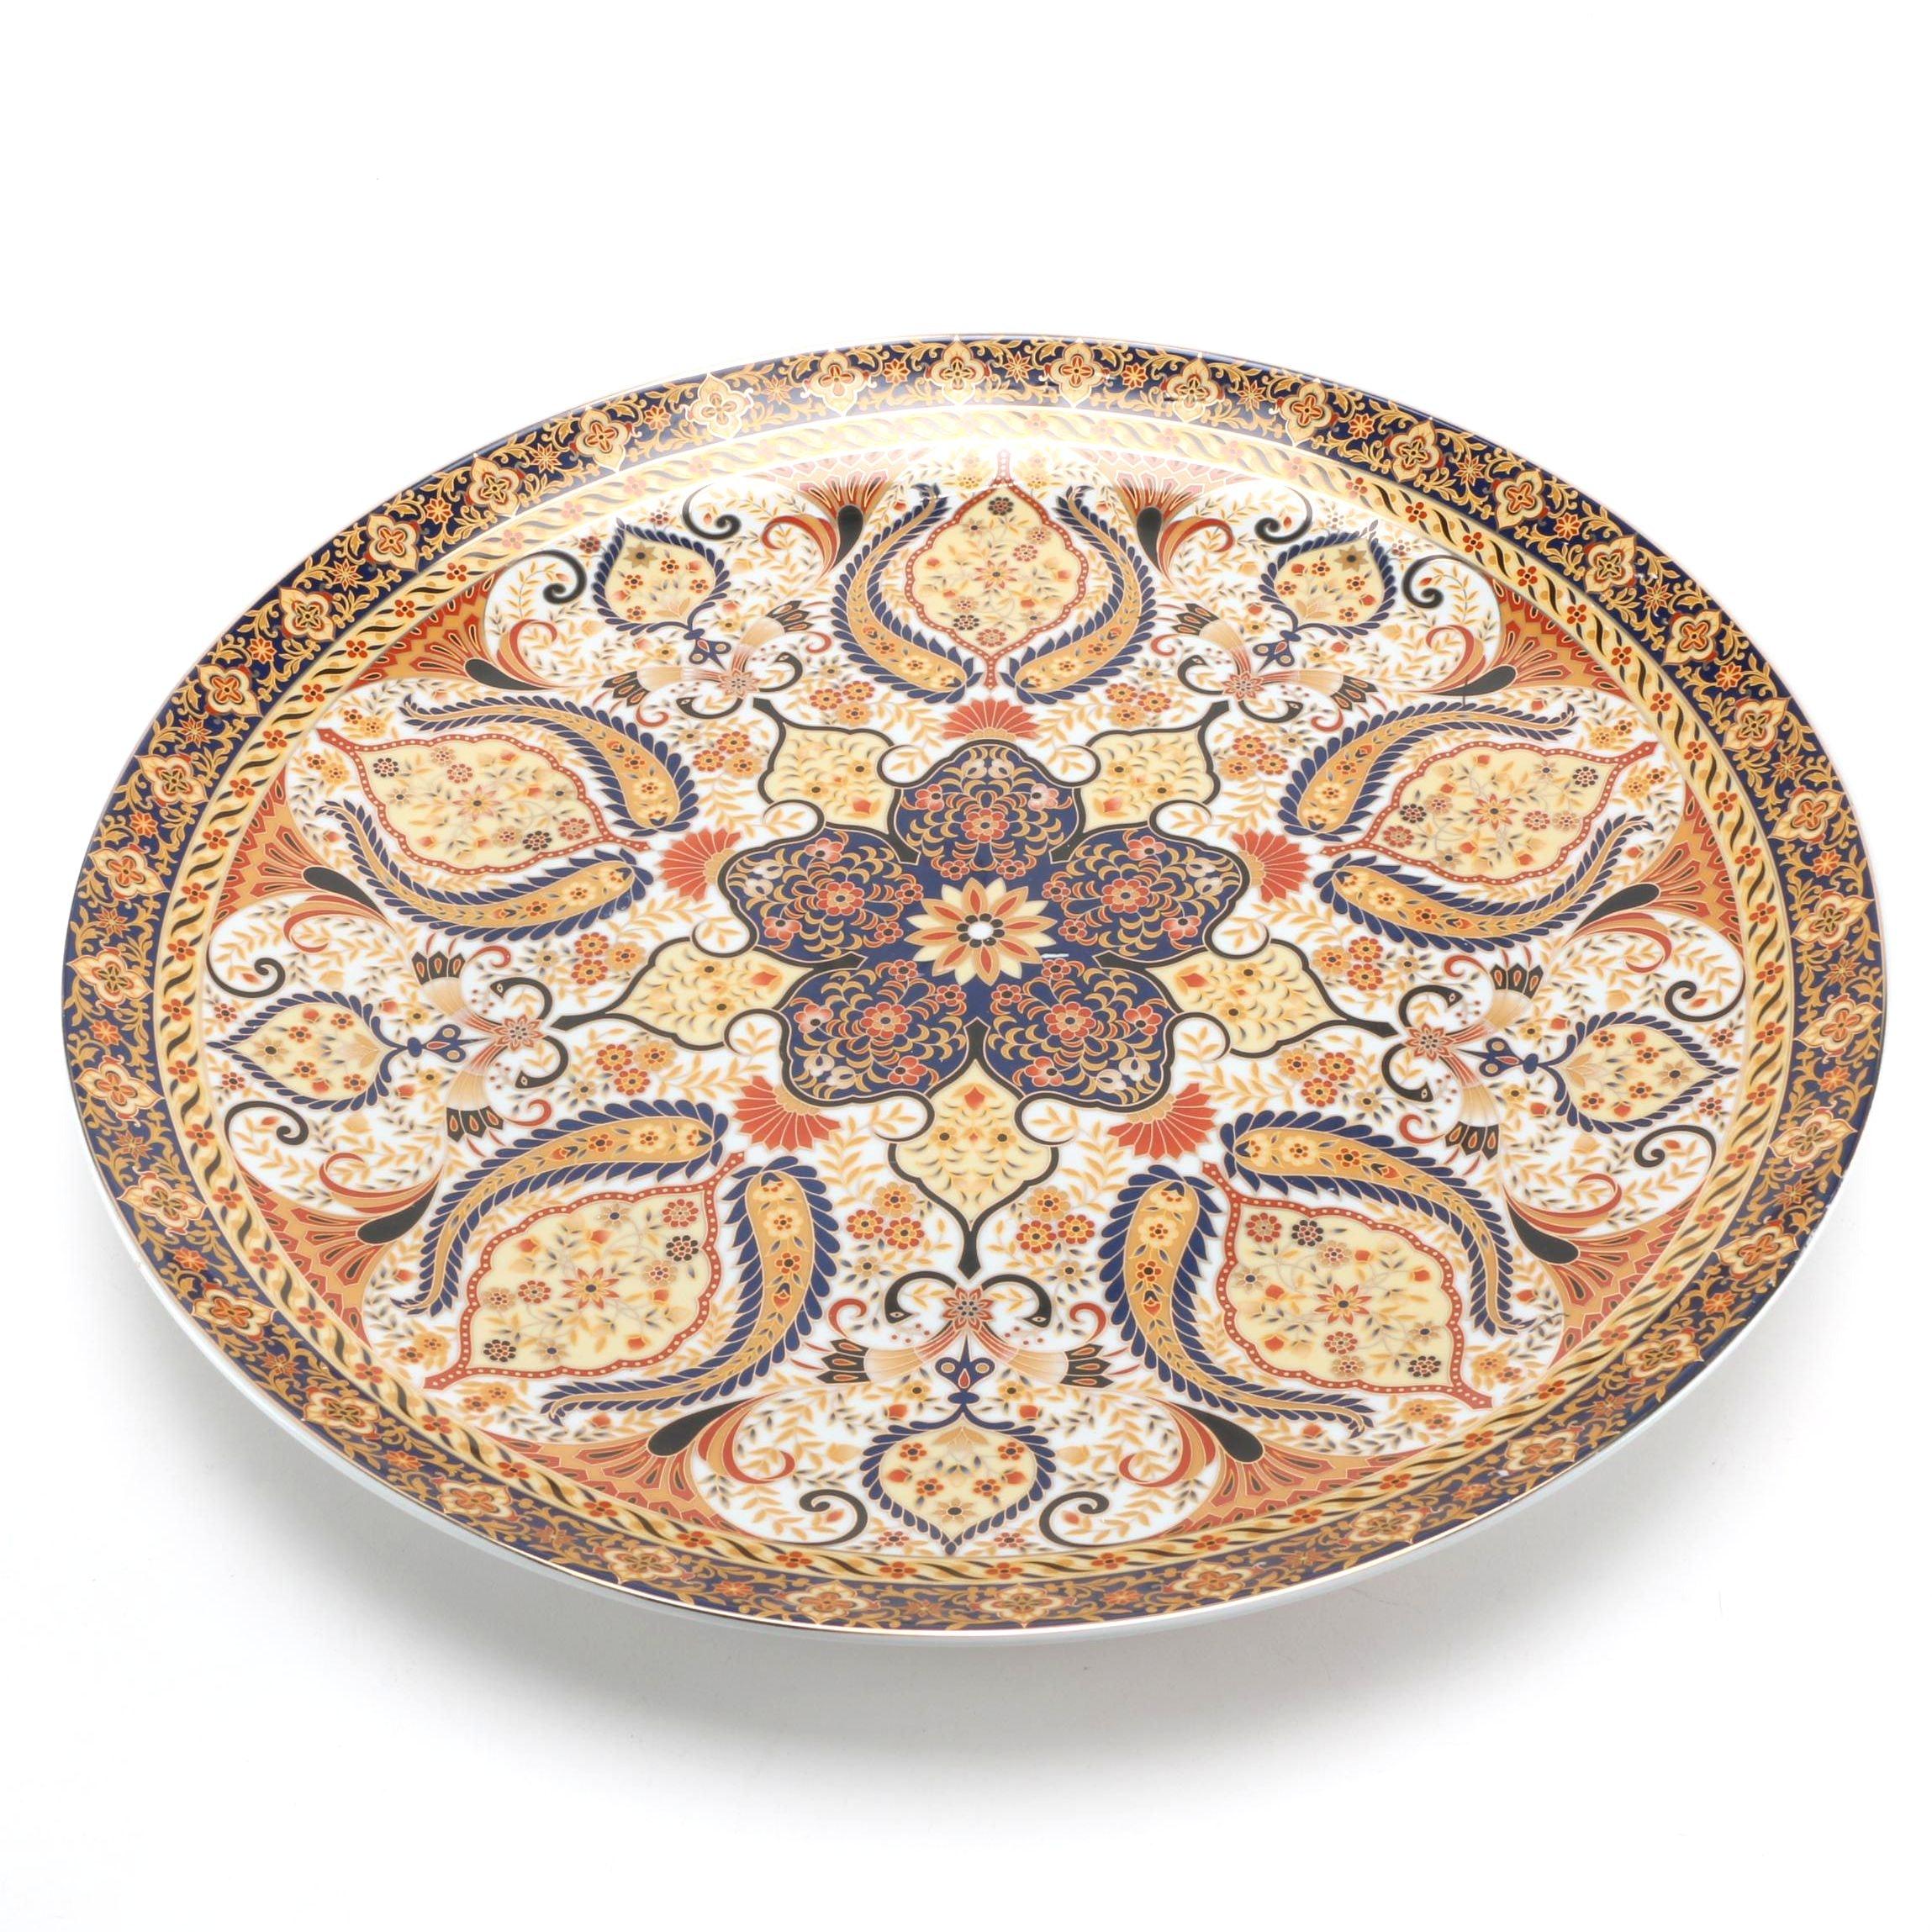 Japanese Inspired Ornate Gilt Ceramic Platter